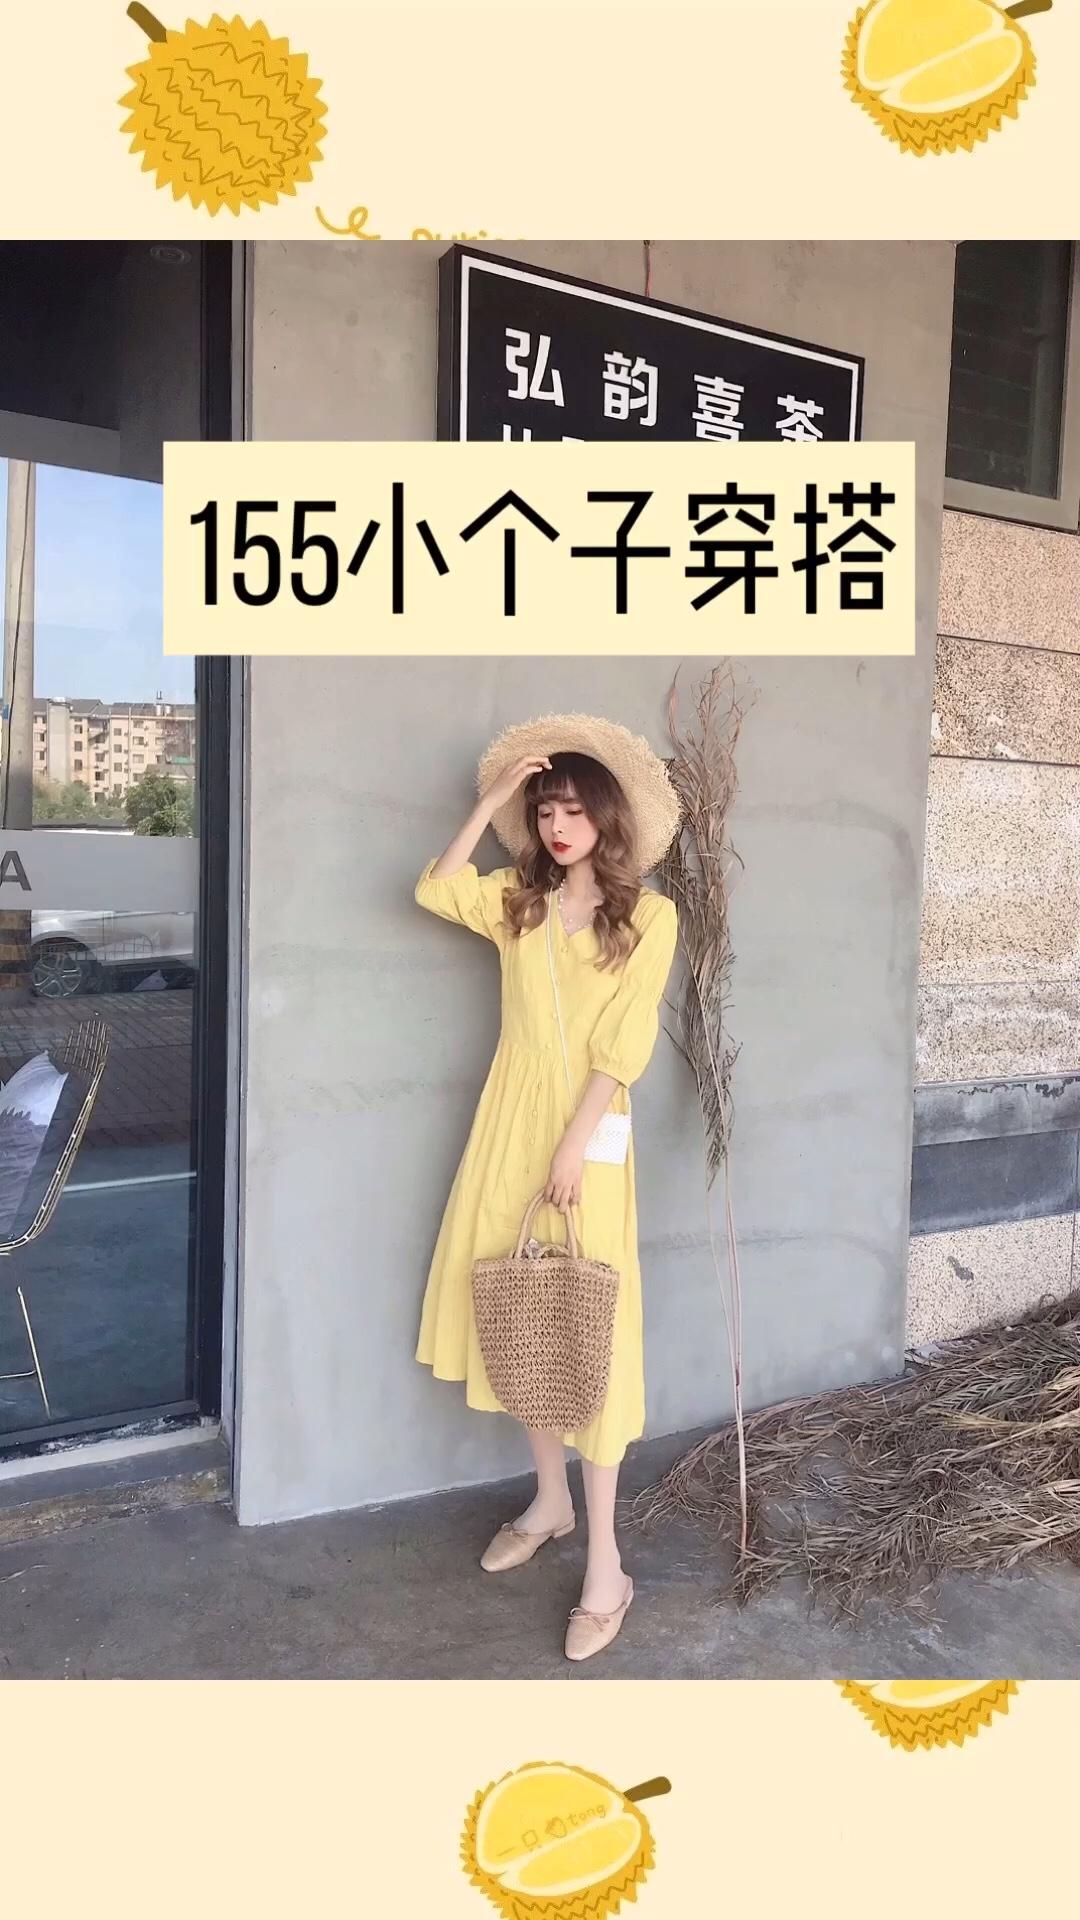 #夏天闹衣荒?101套裙裙照着穿!#超级显白的黄色连衣裙安利给你们哦~这件裙子之前被很多人要链接因为真的太好看!整体的版型也是属于非常显瘦的那种~怎么搭配都好看系列